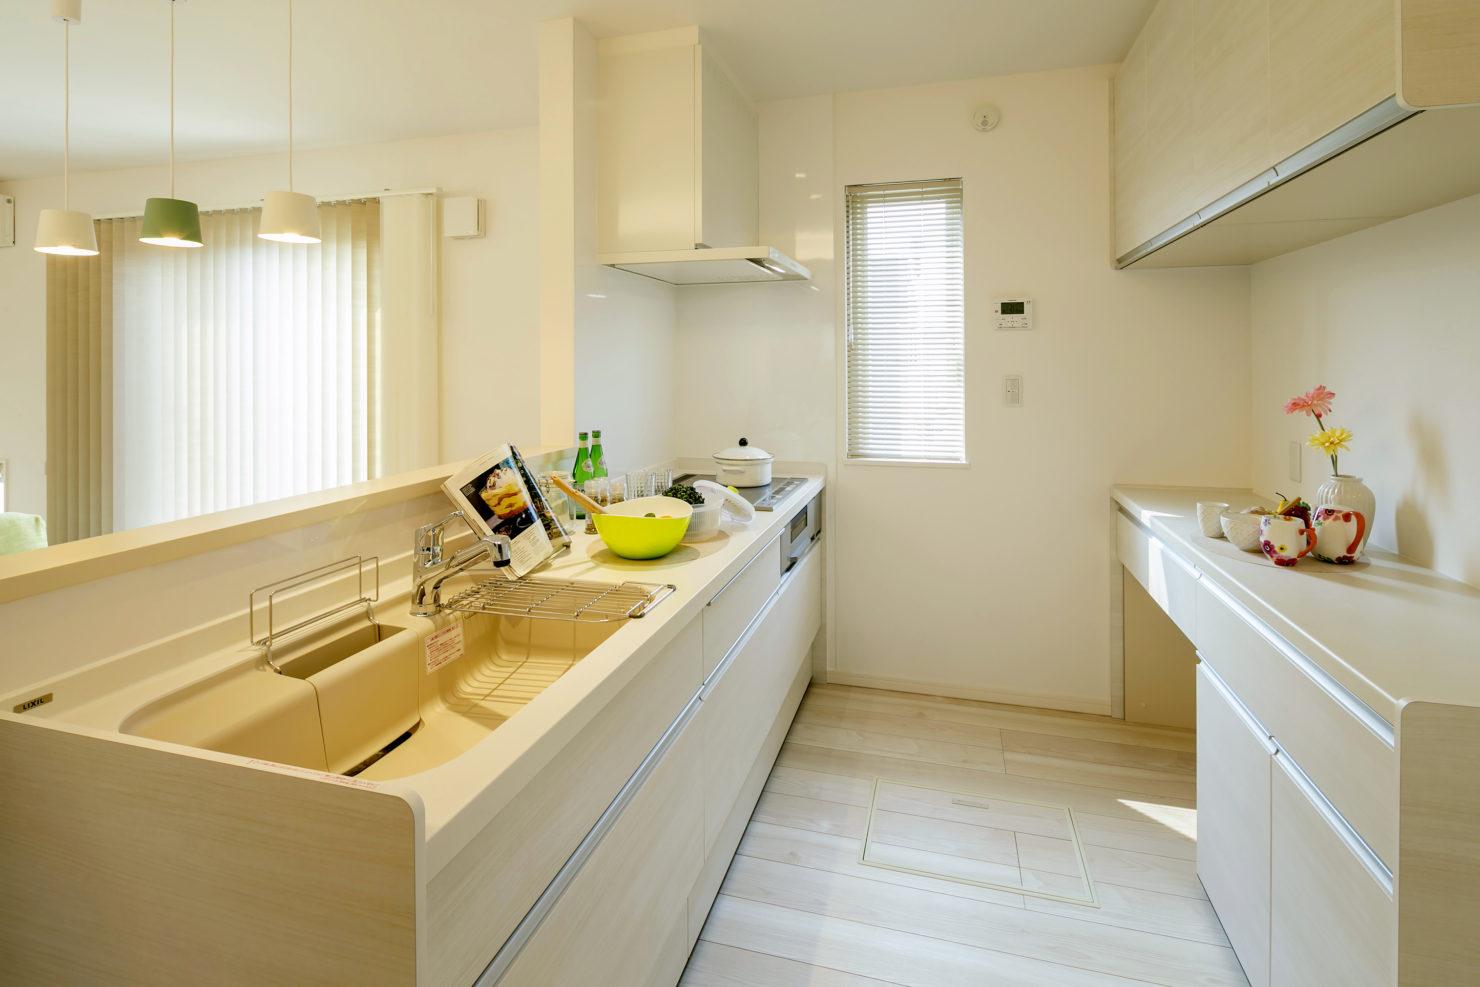 ハウスM21 盛岡市黒石野建売住宅 キッチン写真